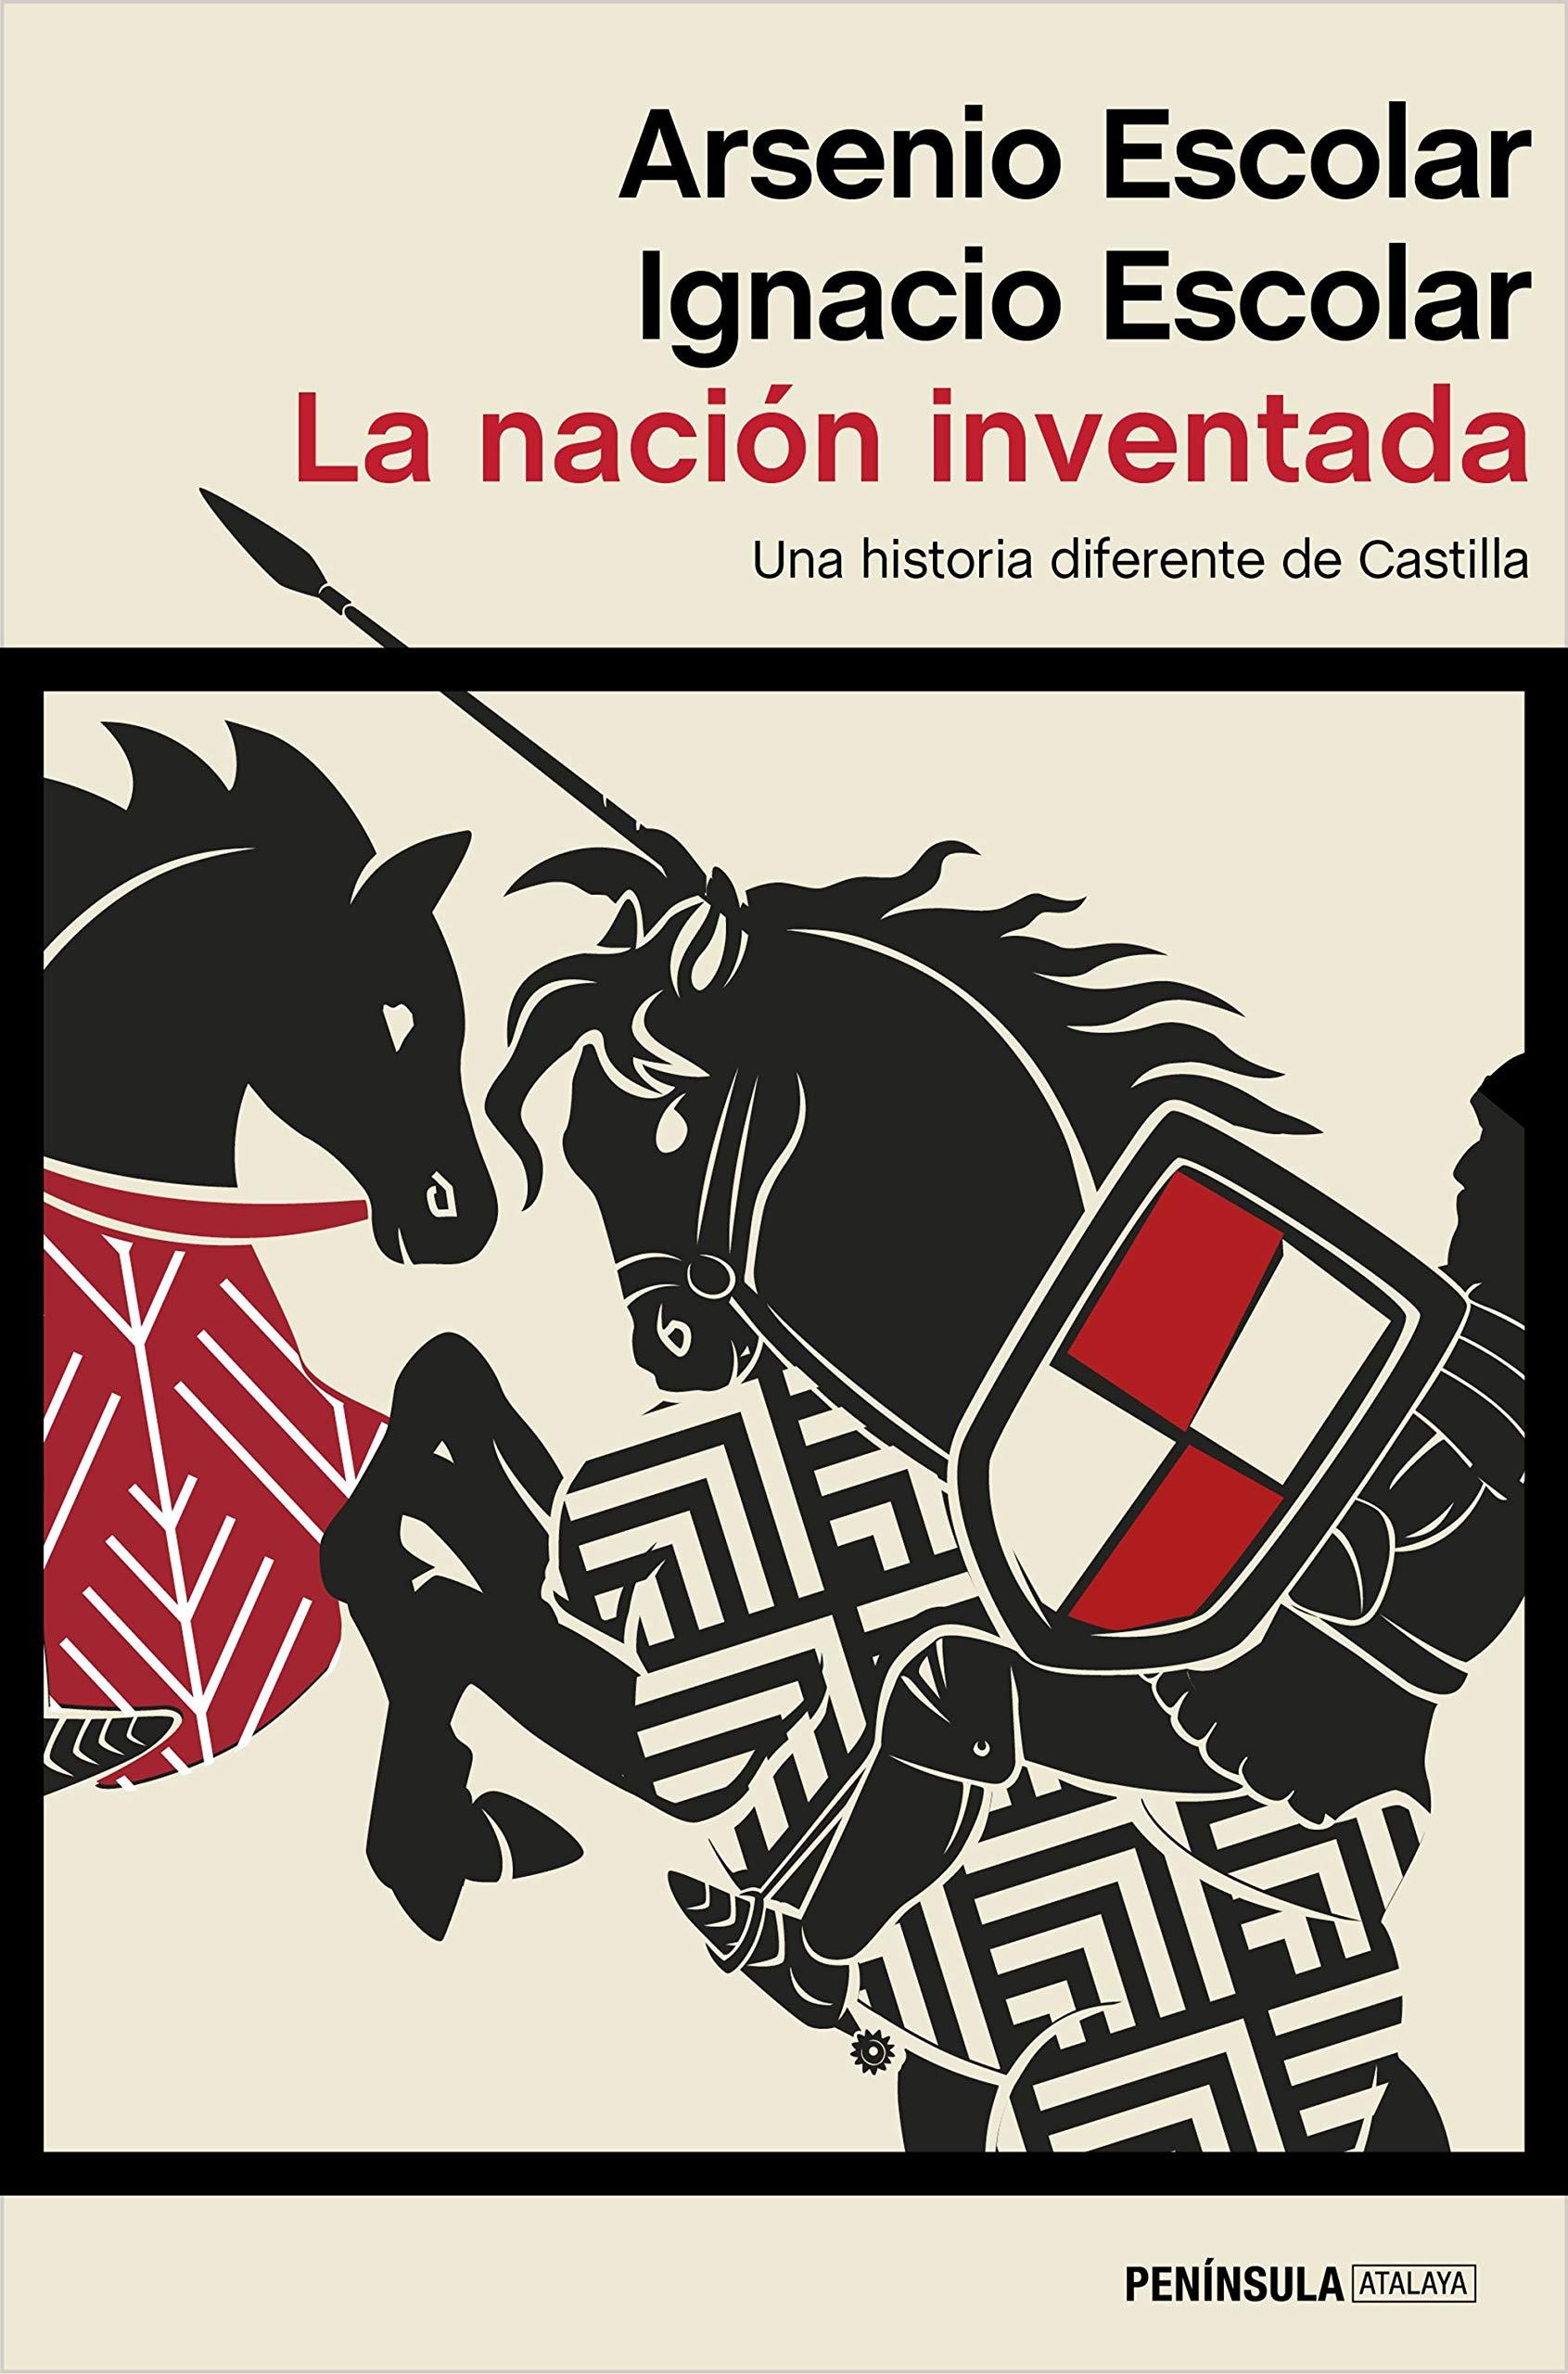 La nación inventada: Una historia diferente de Castilla ATALAYA: Amazon.es: Escolar, Ignacio, Escolar, Arsenio: Libros